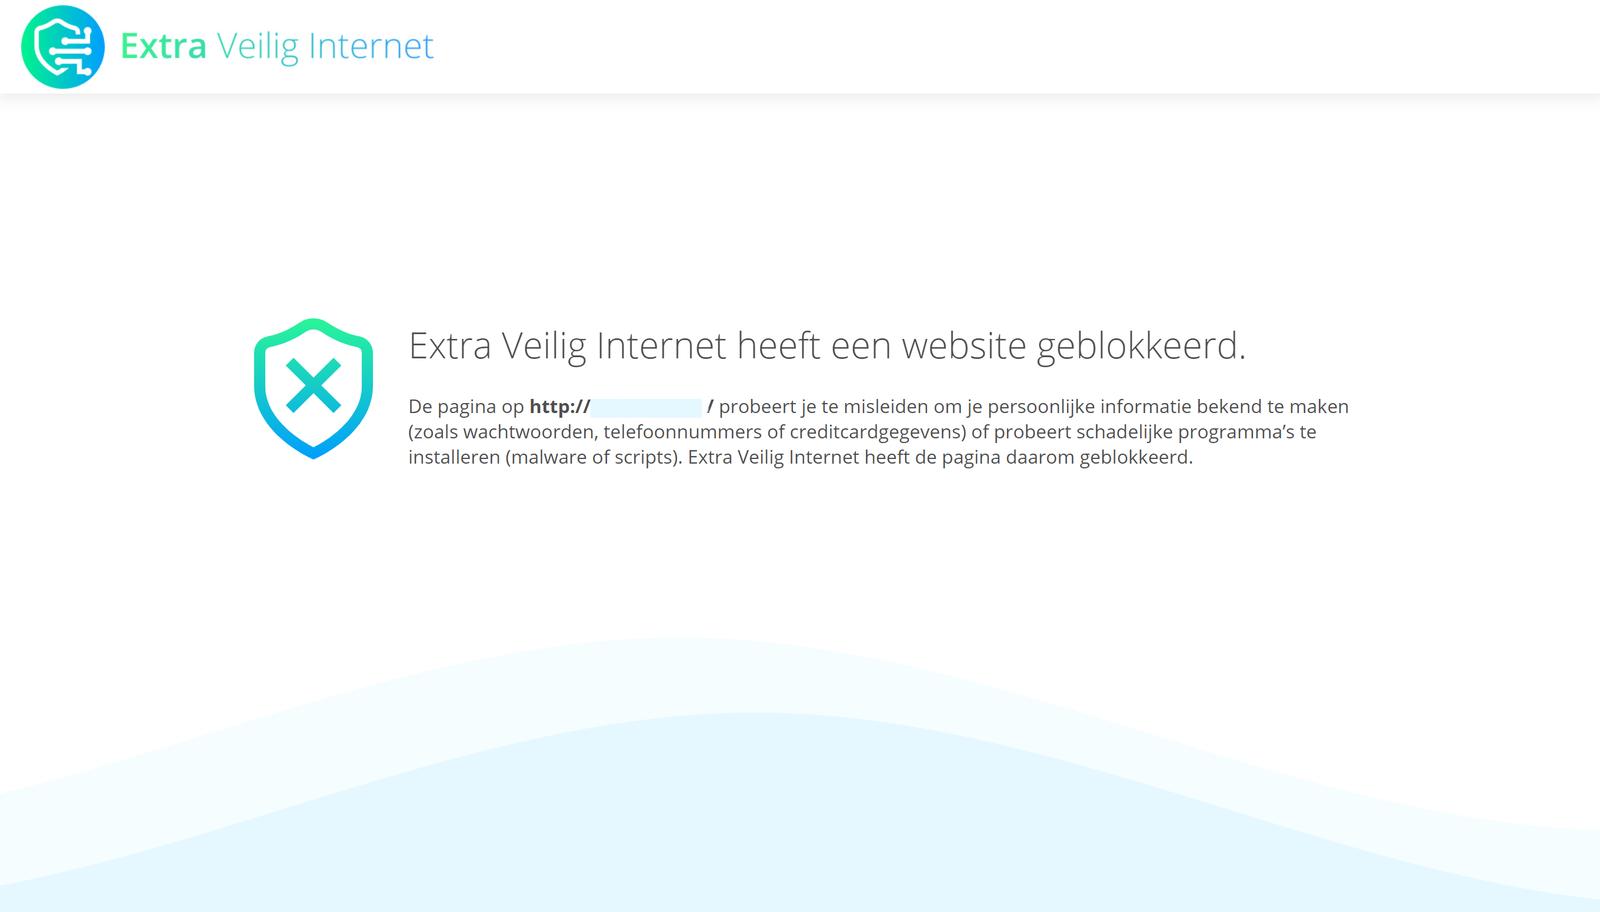 Extra Veilig Internet heeft een website geblokkeerd